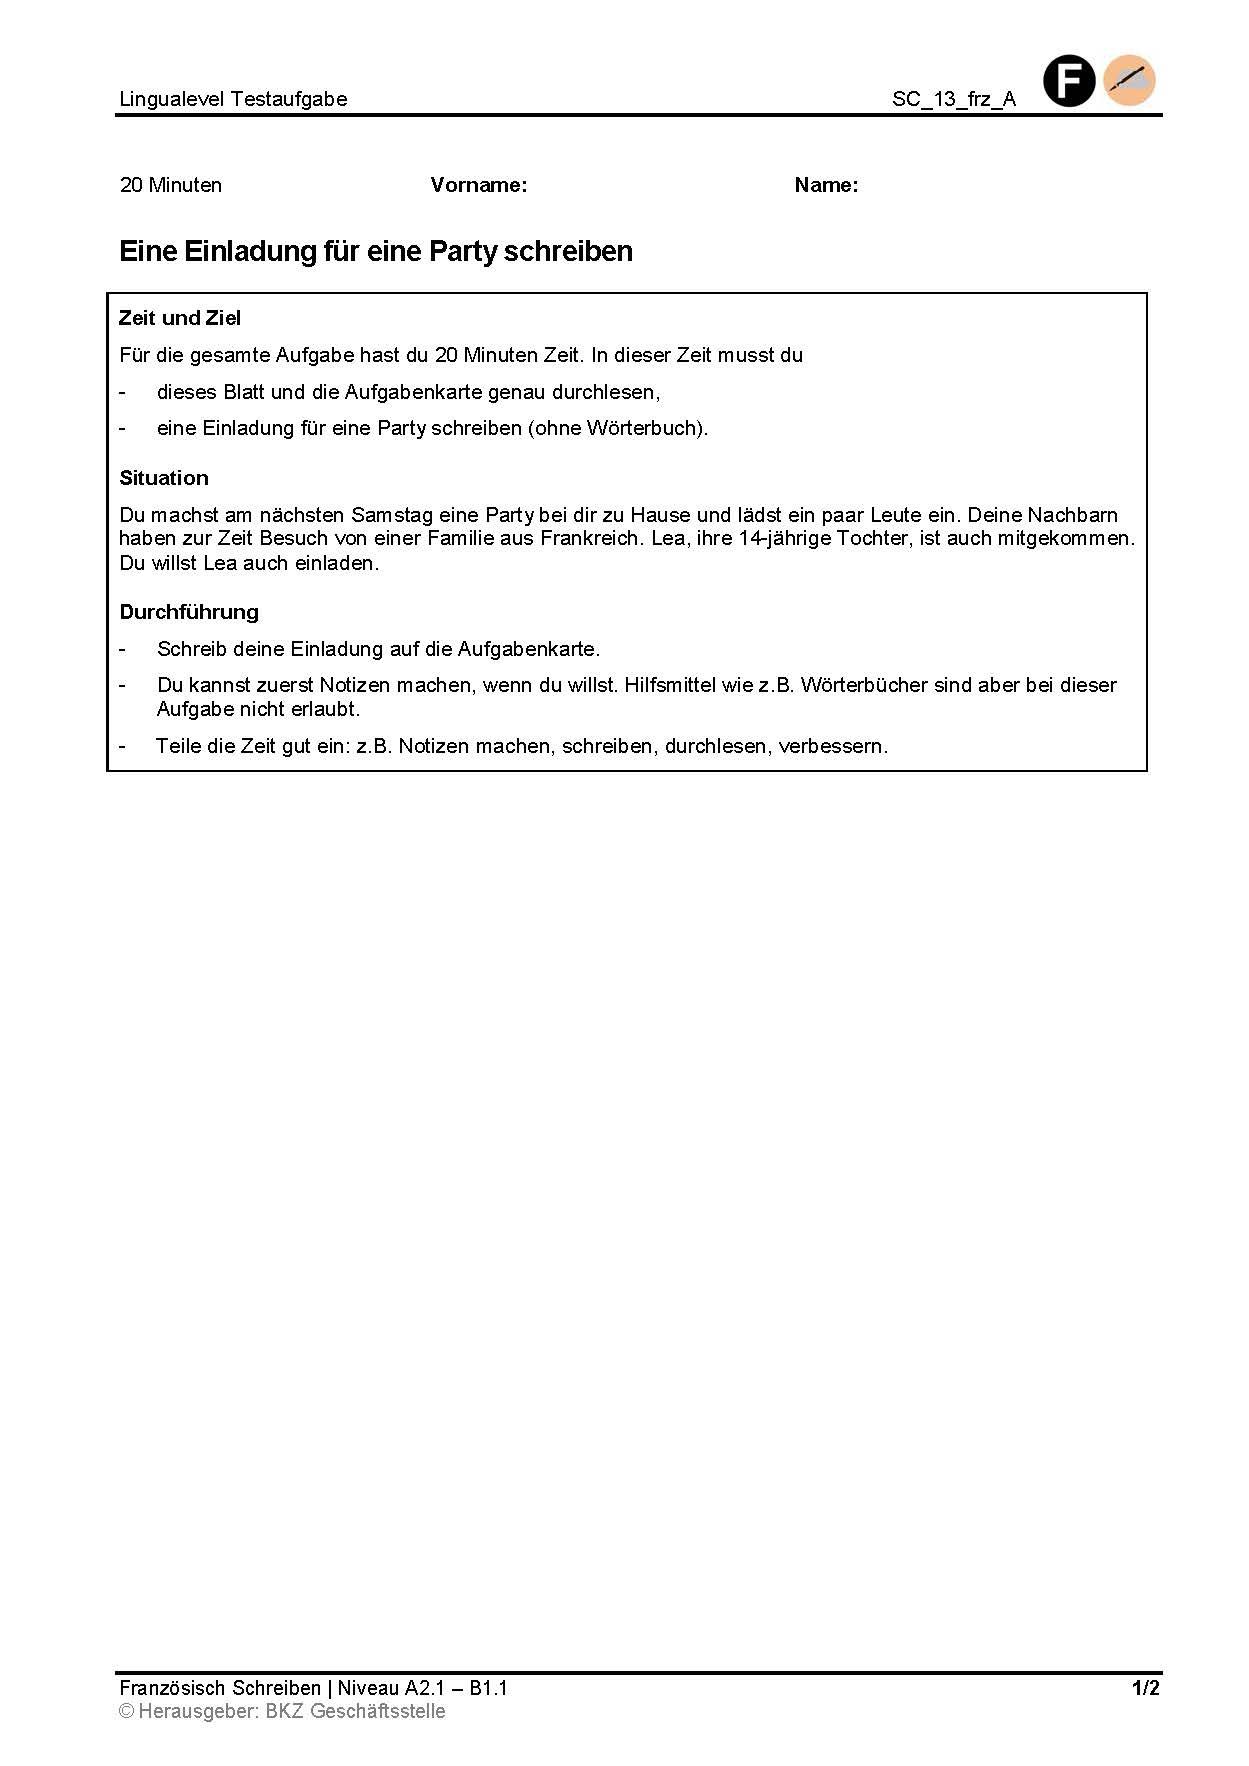 Preview image for LOM object Eine Einladung für eine Party schreiben